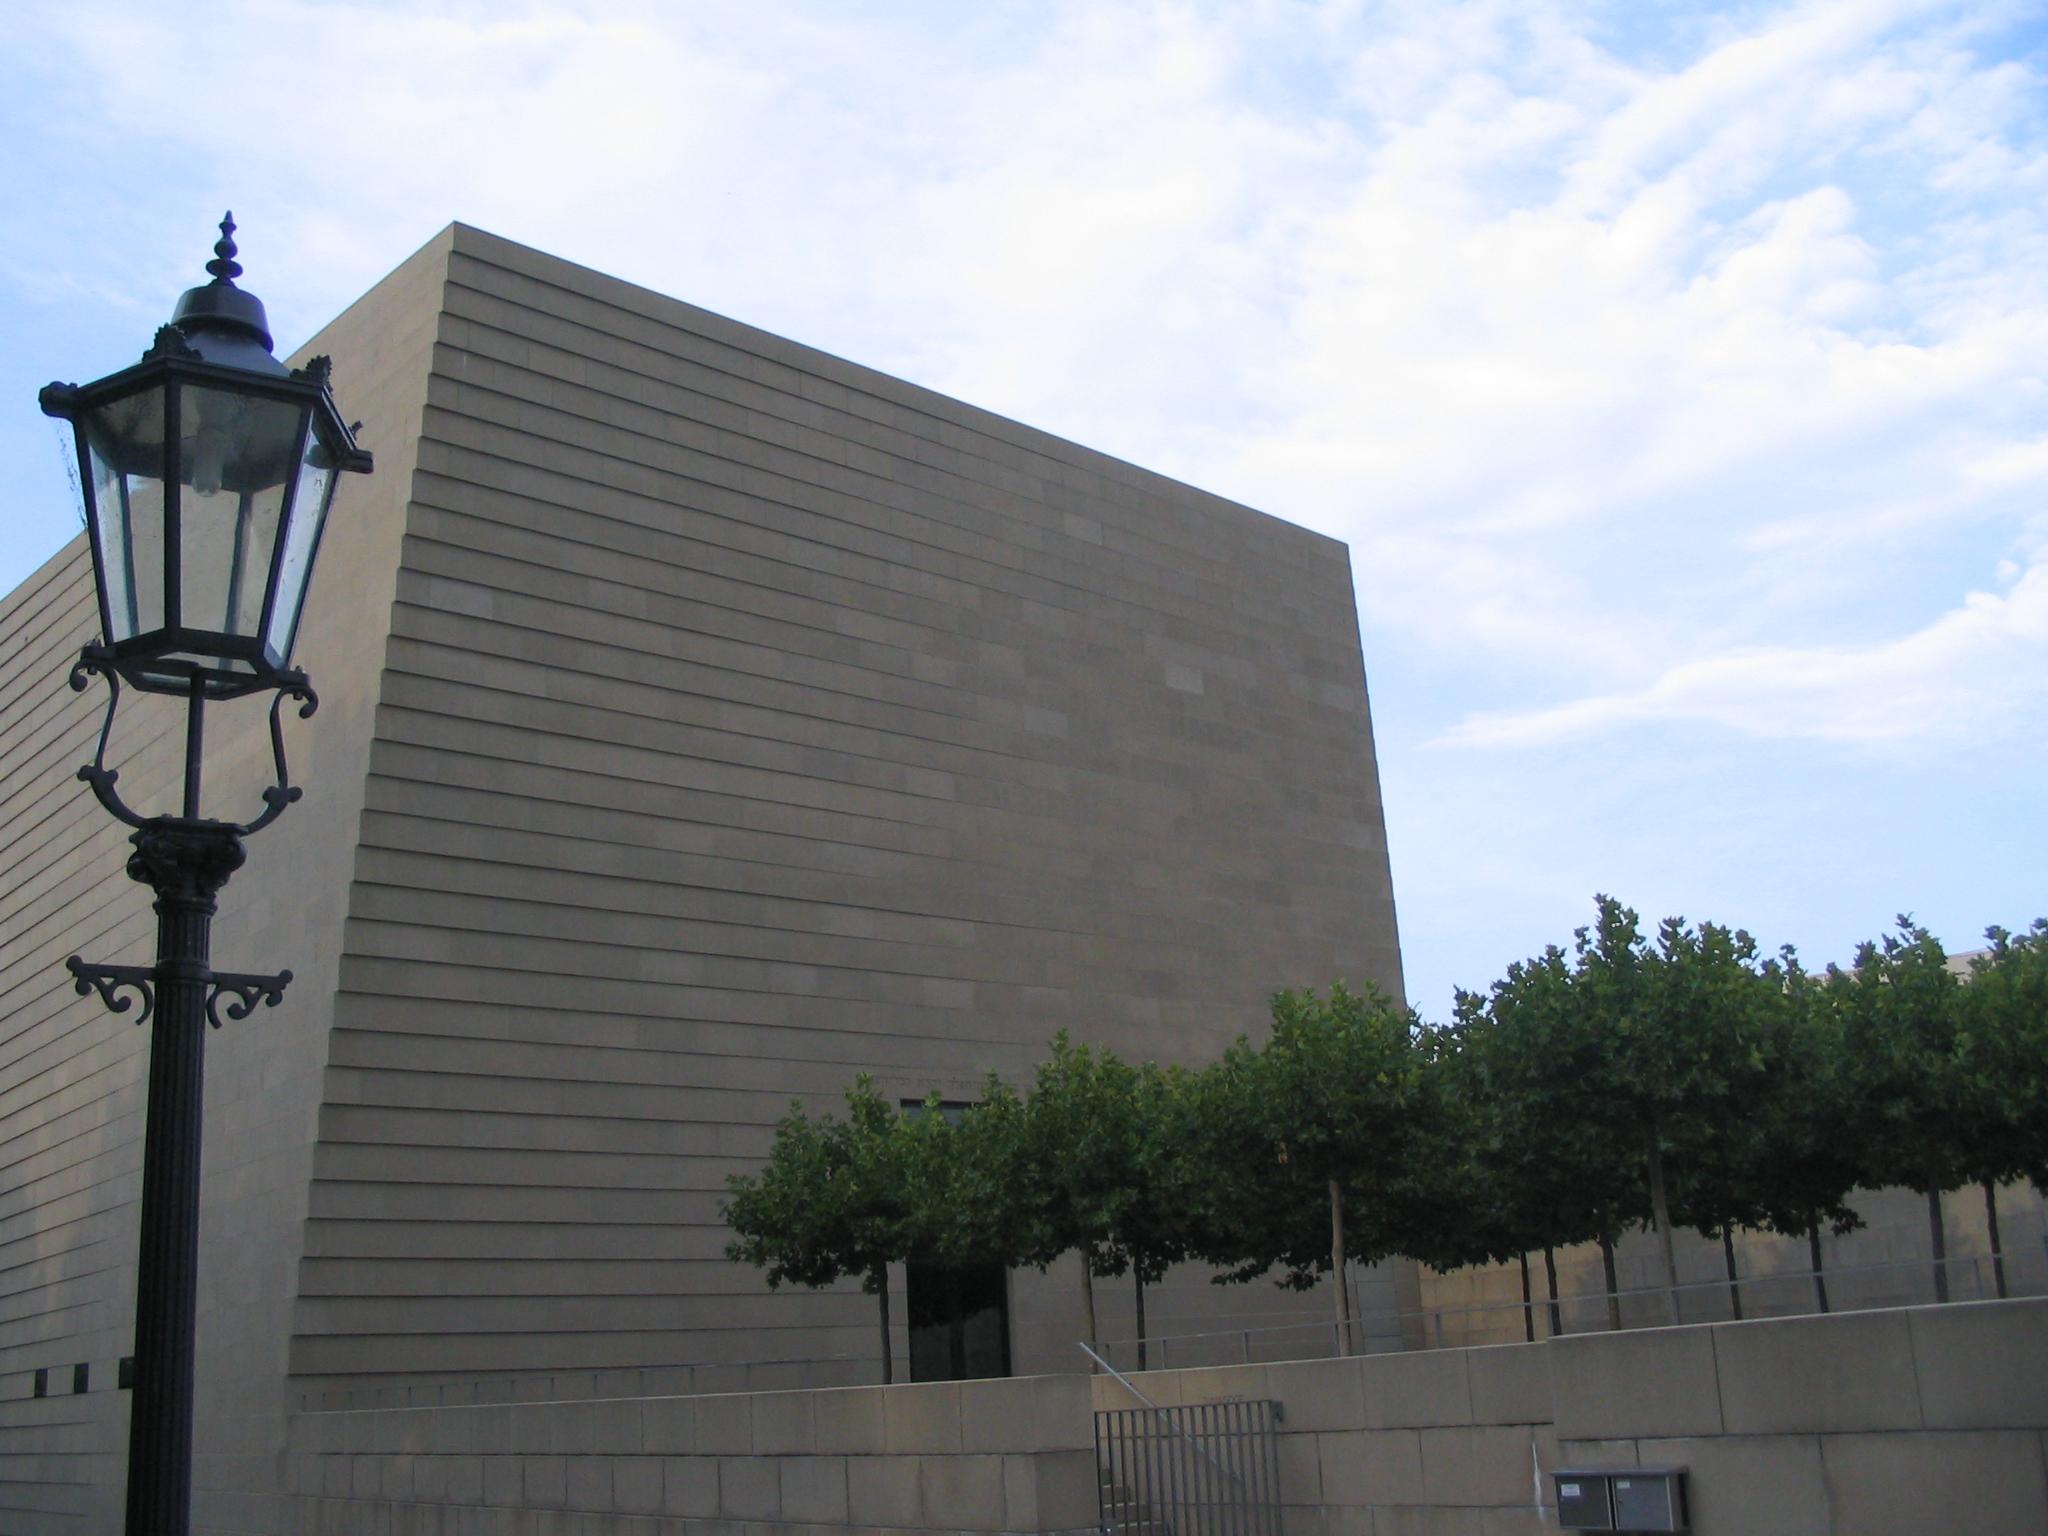 Dresden moderne architektur fotos diskussionen updates skyscrapercity - Dresden architektur ...